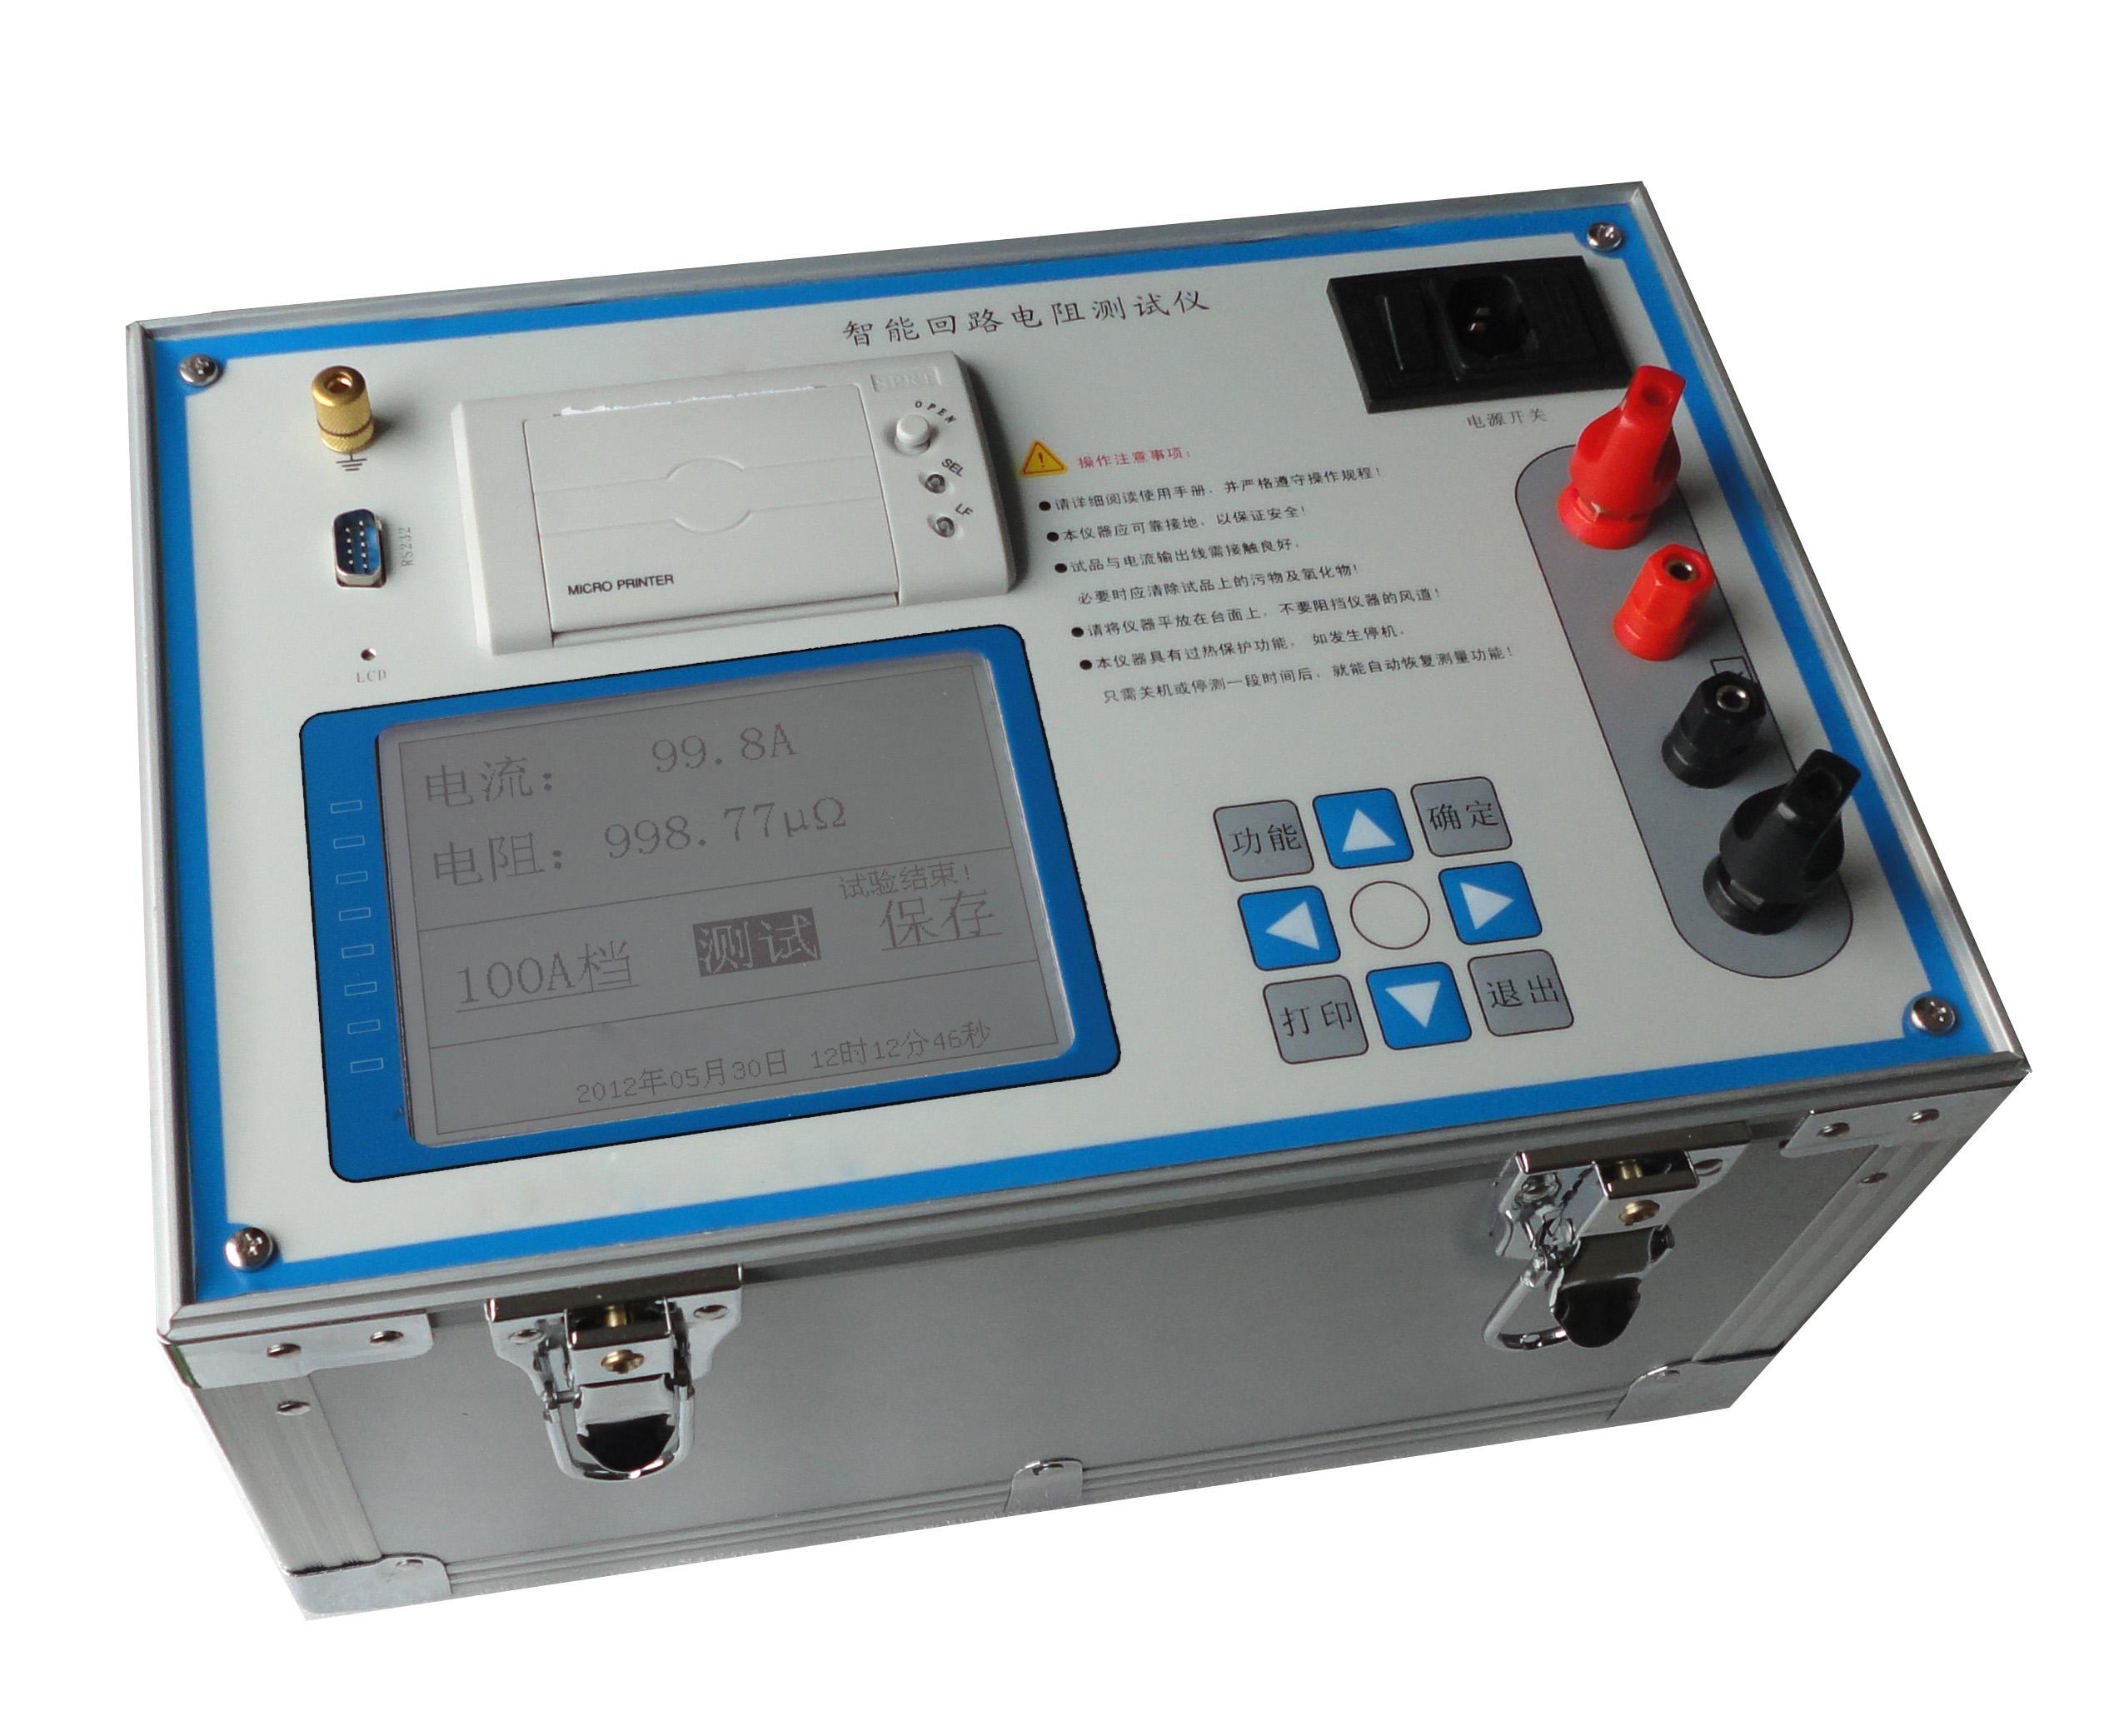 回路电阻及电缆电线,焊缝接触电阻的测量,仪器测量数据准确,性能稳定